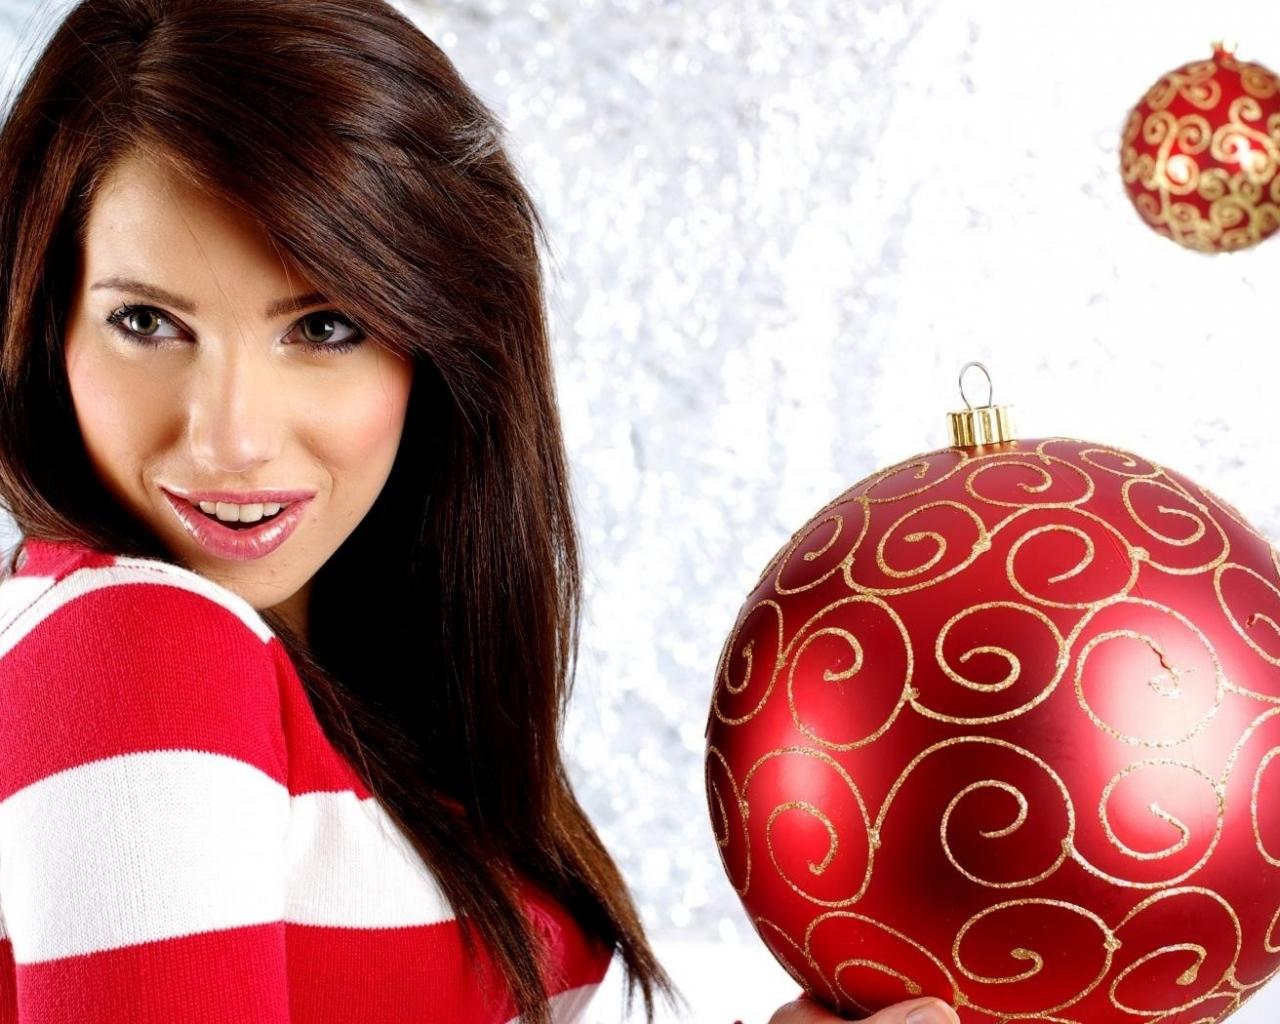 Bella modelo con adornos de navidad - 1280x1024